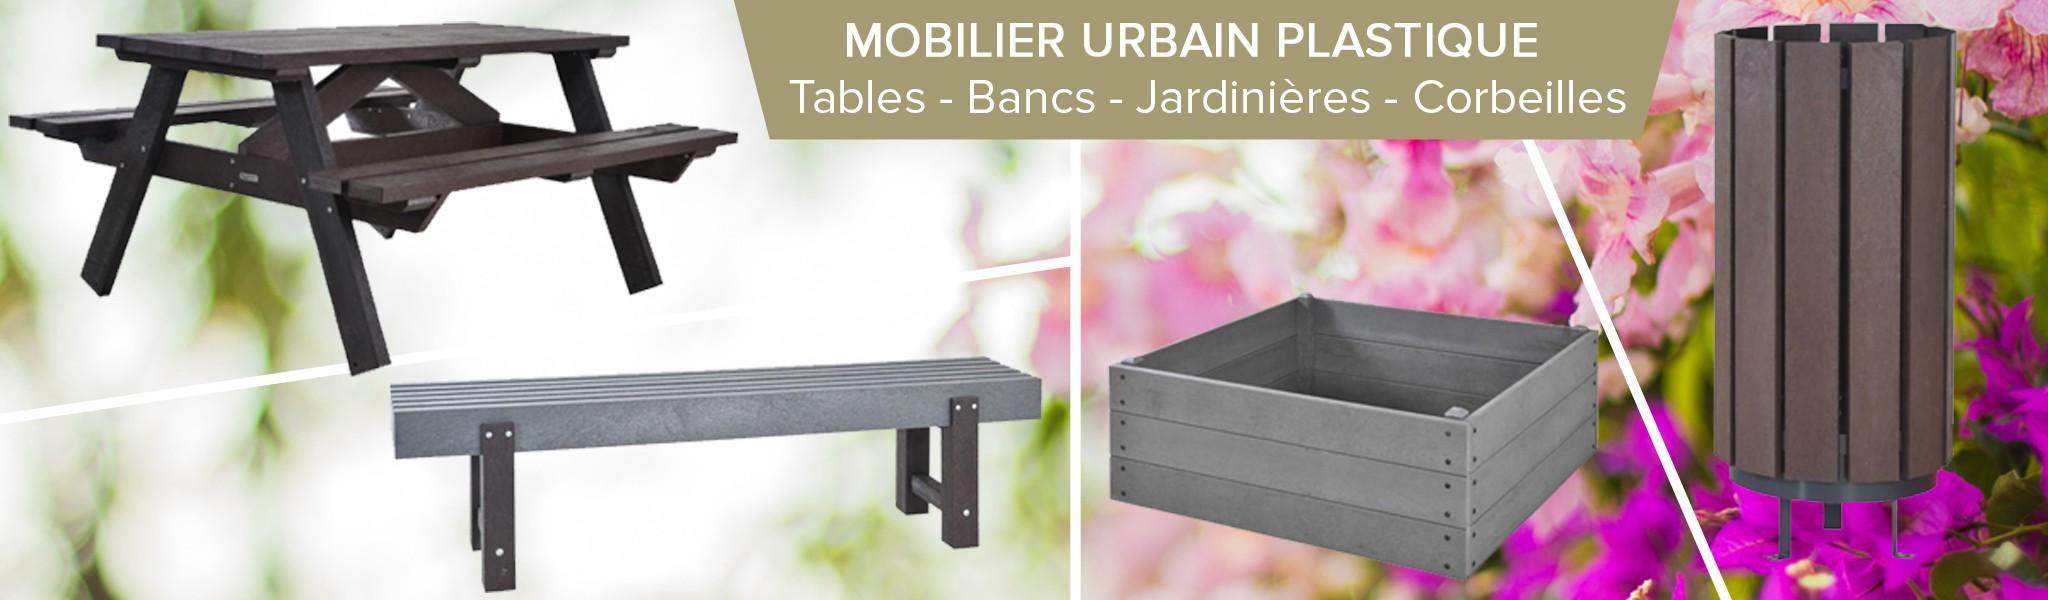 Tables, bancs, assises, poubelles... toute une gamme de mobilier urbain